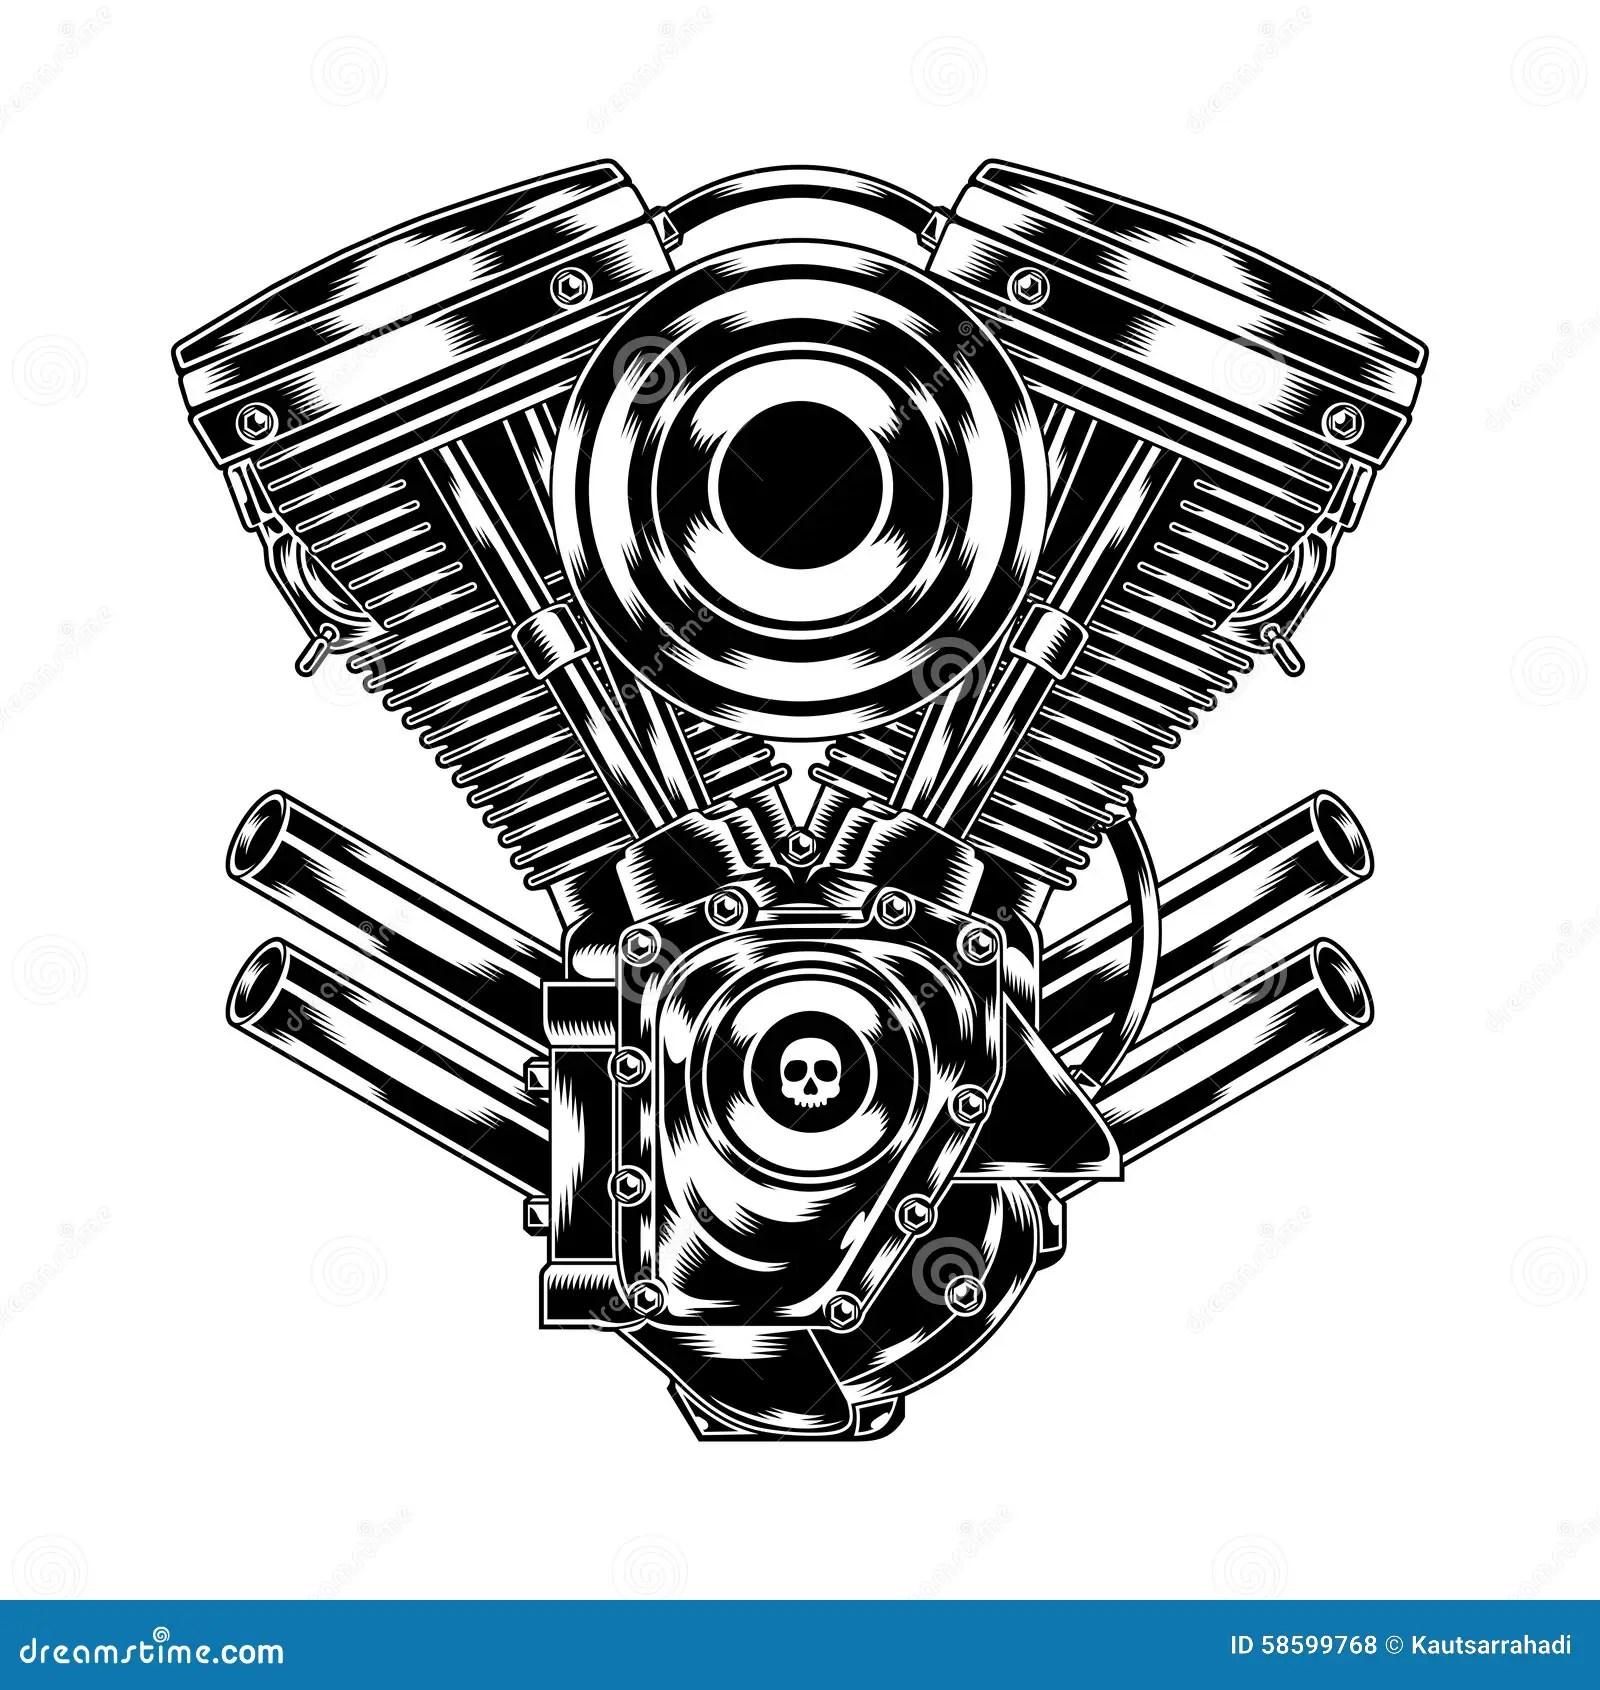 Silnik Stockowych Ilustracji, Wektorów & Klipartów